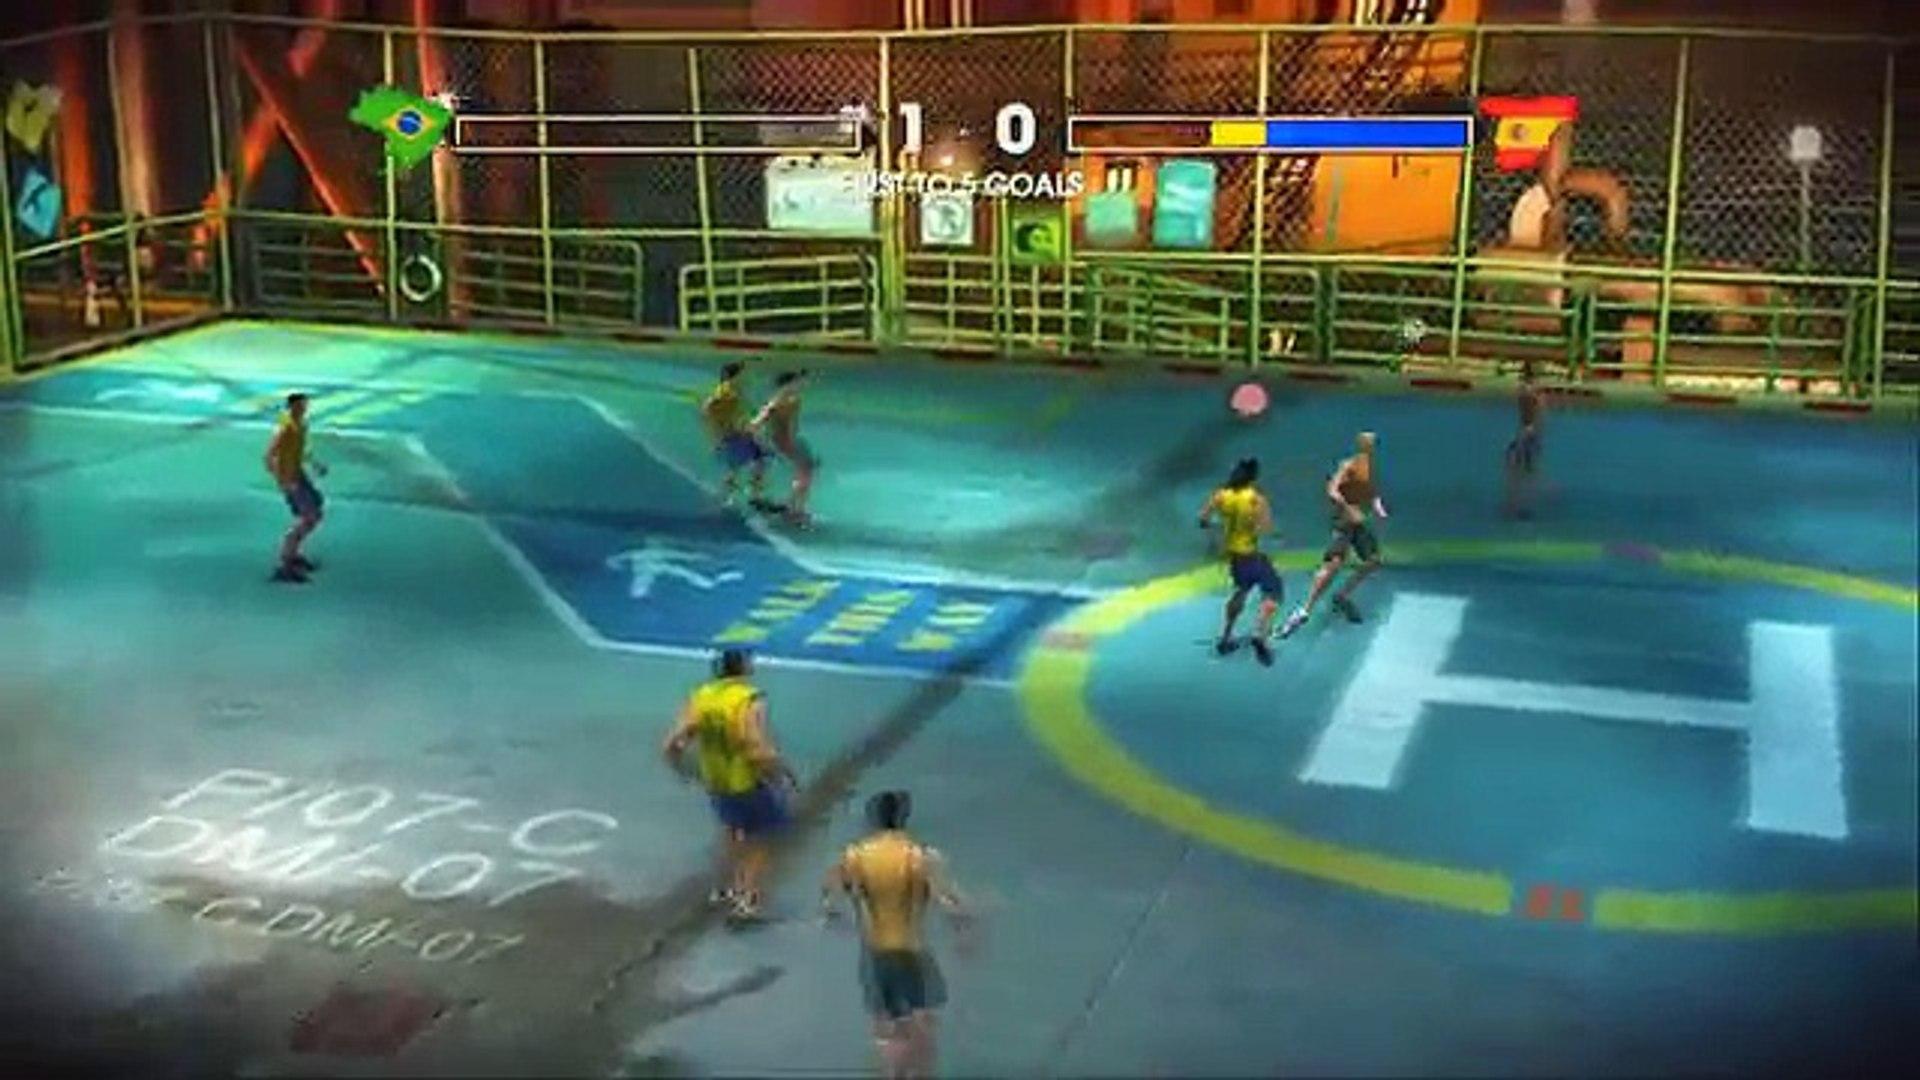 Fifa Street 3 - #Xbox 360# - Brasil, comigo no time a gente é campeão Mundial!